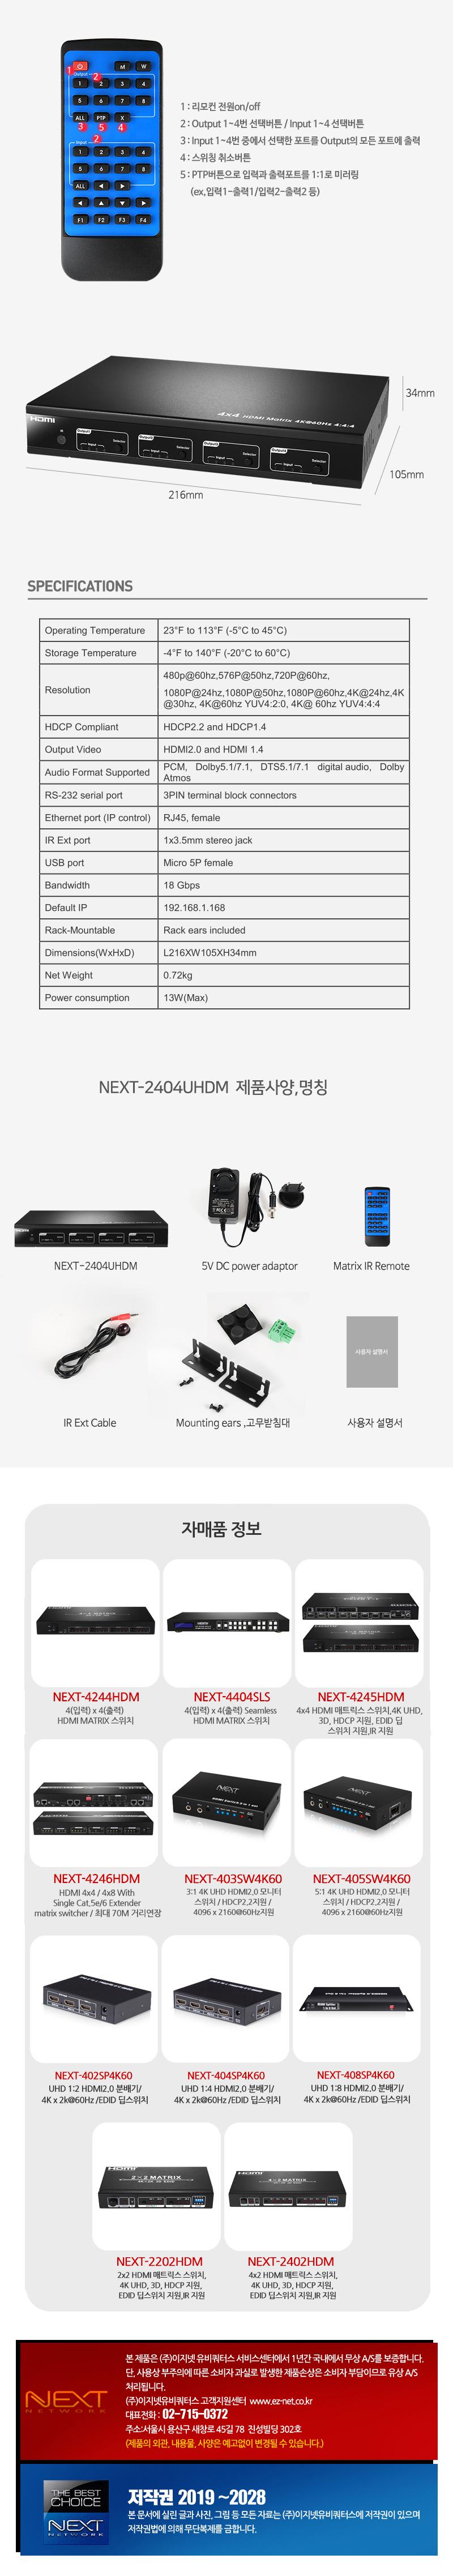 이지넷유비쿼터스  4:4 HDMI 2.0 매트릭스 스위치 (NEXT-2404UHDM)